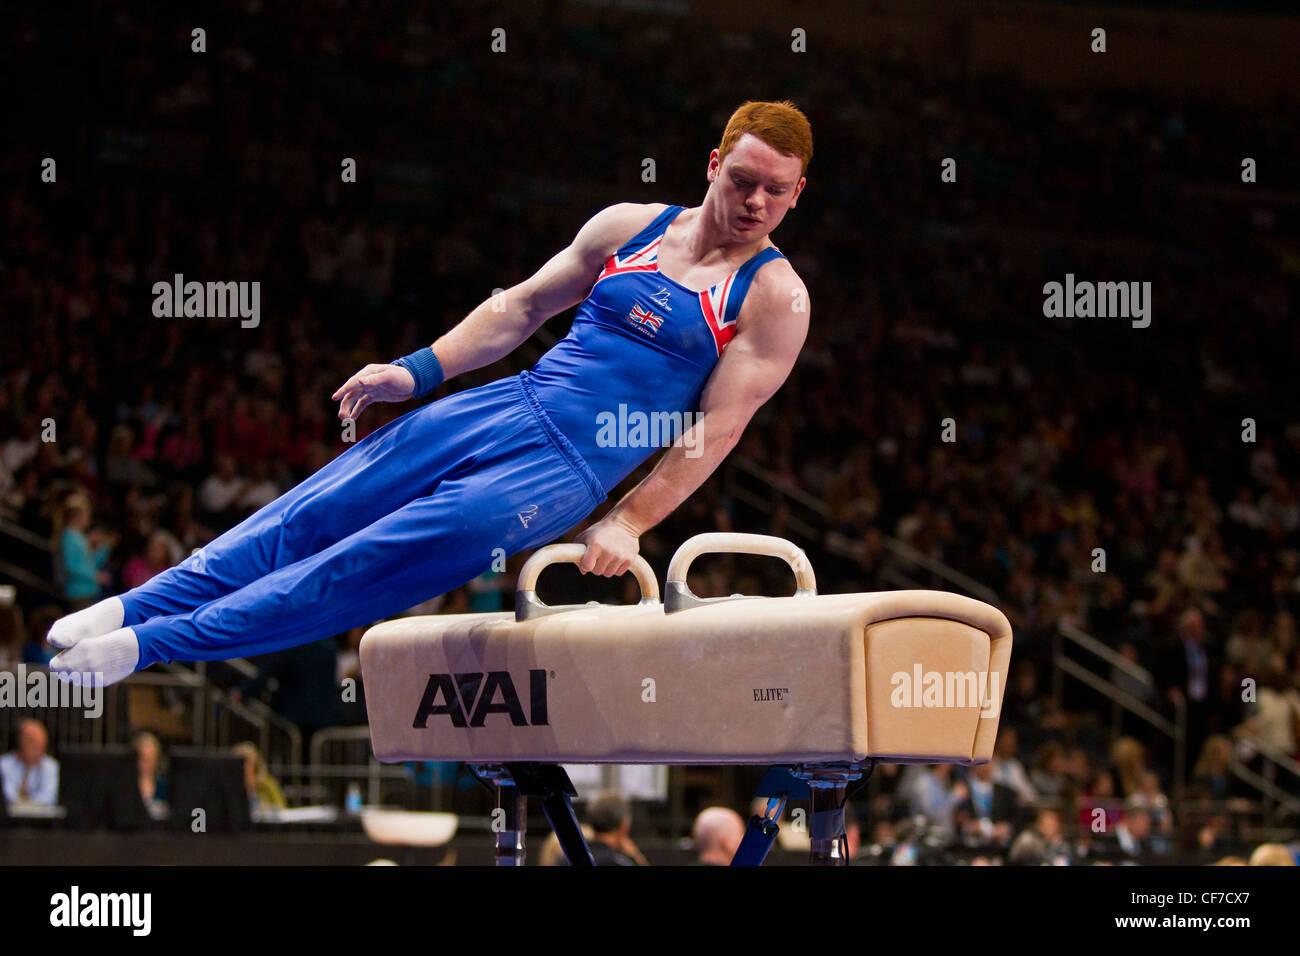 Daniel Purvis (GBR) participe à l'événement au cheval-arçons 2012 American Cup La gymnastique Photo Stock